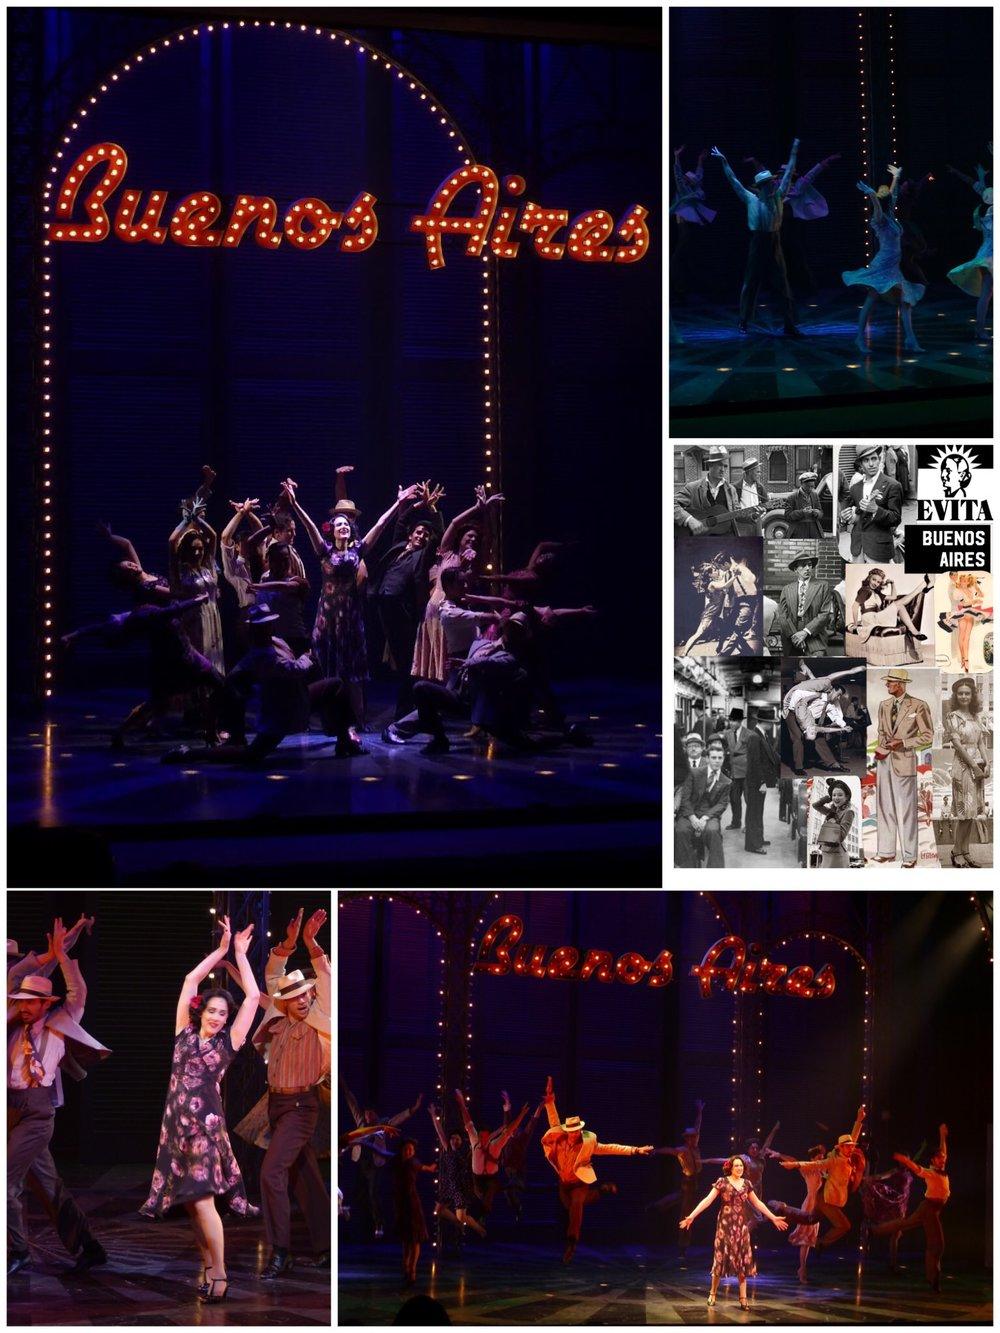 BUENOS AREIS.JPG